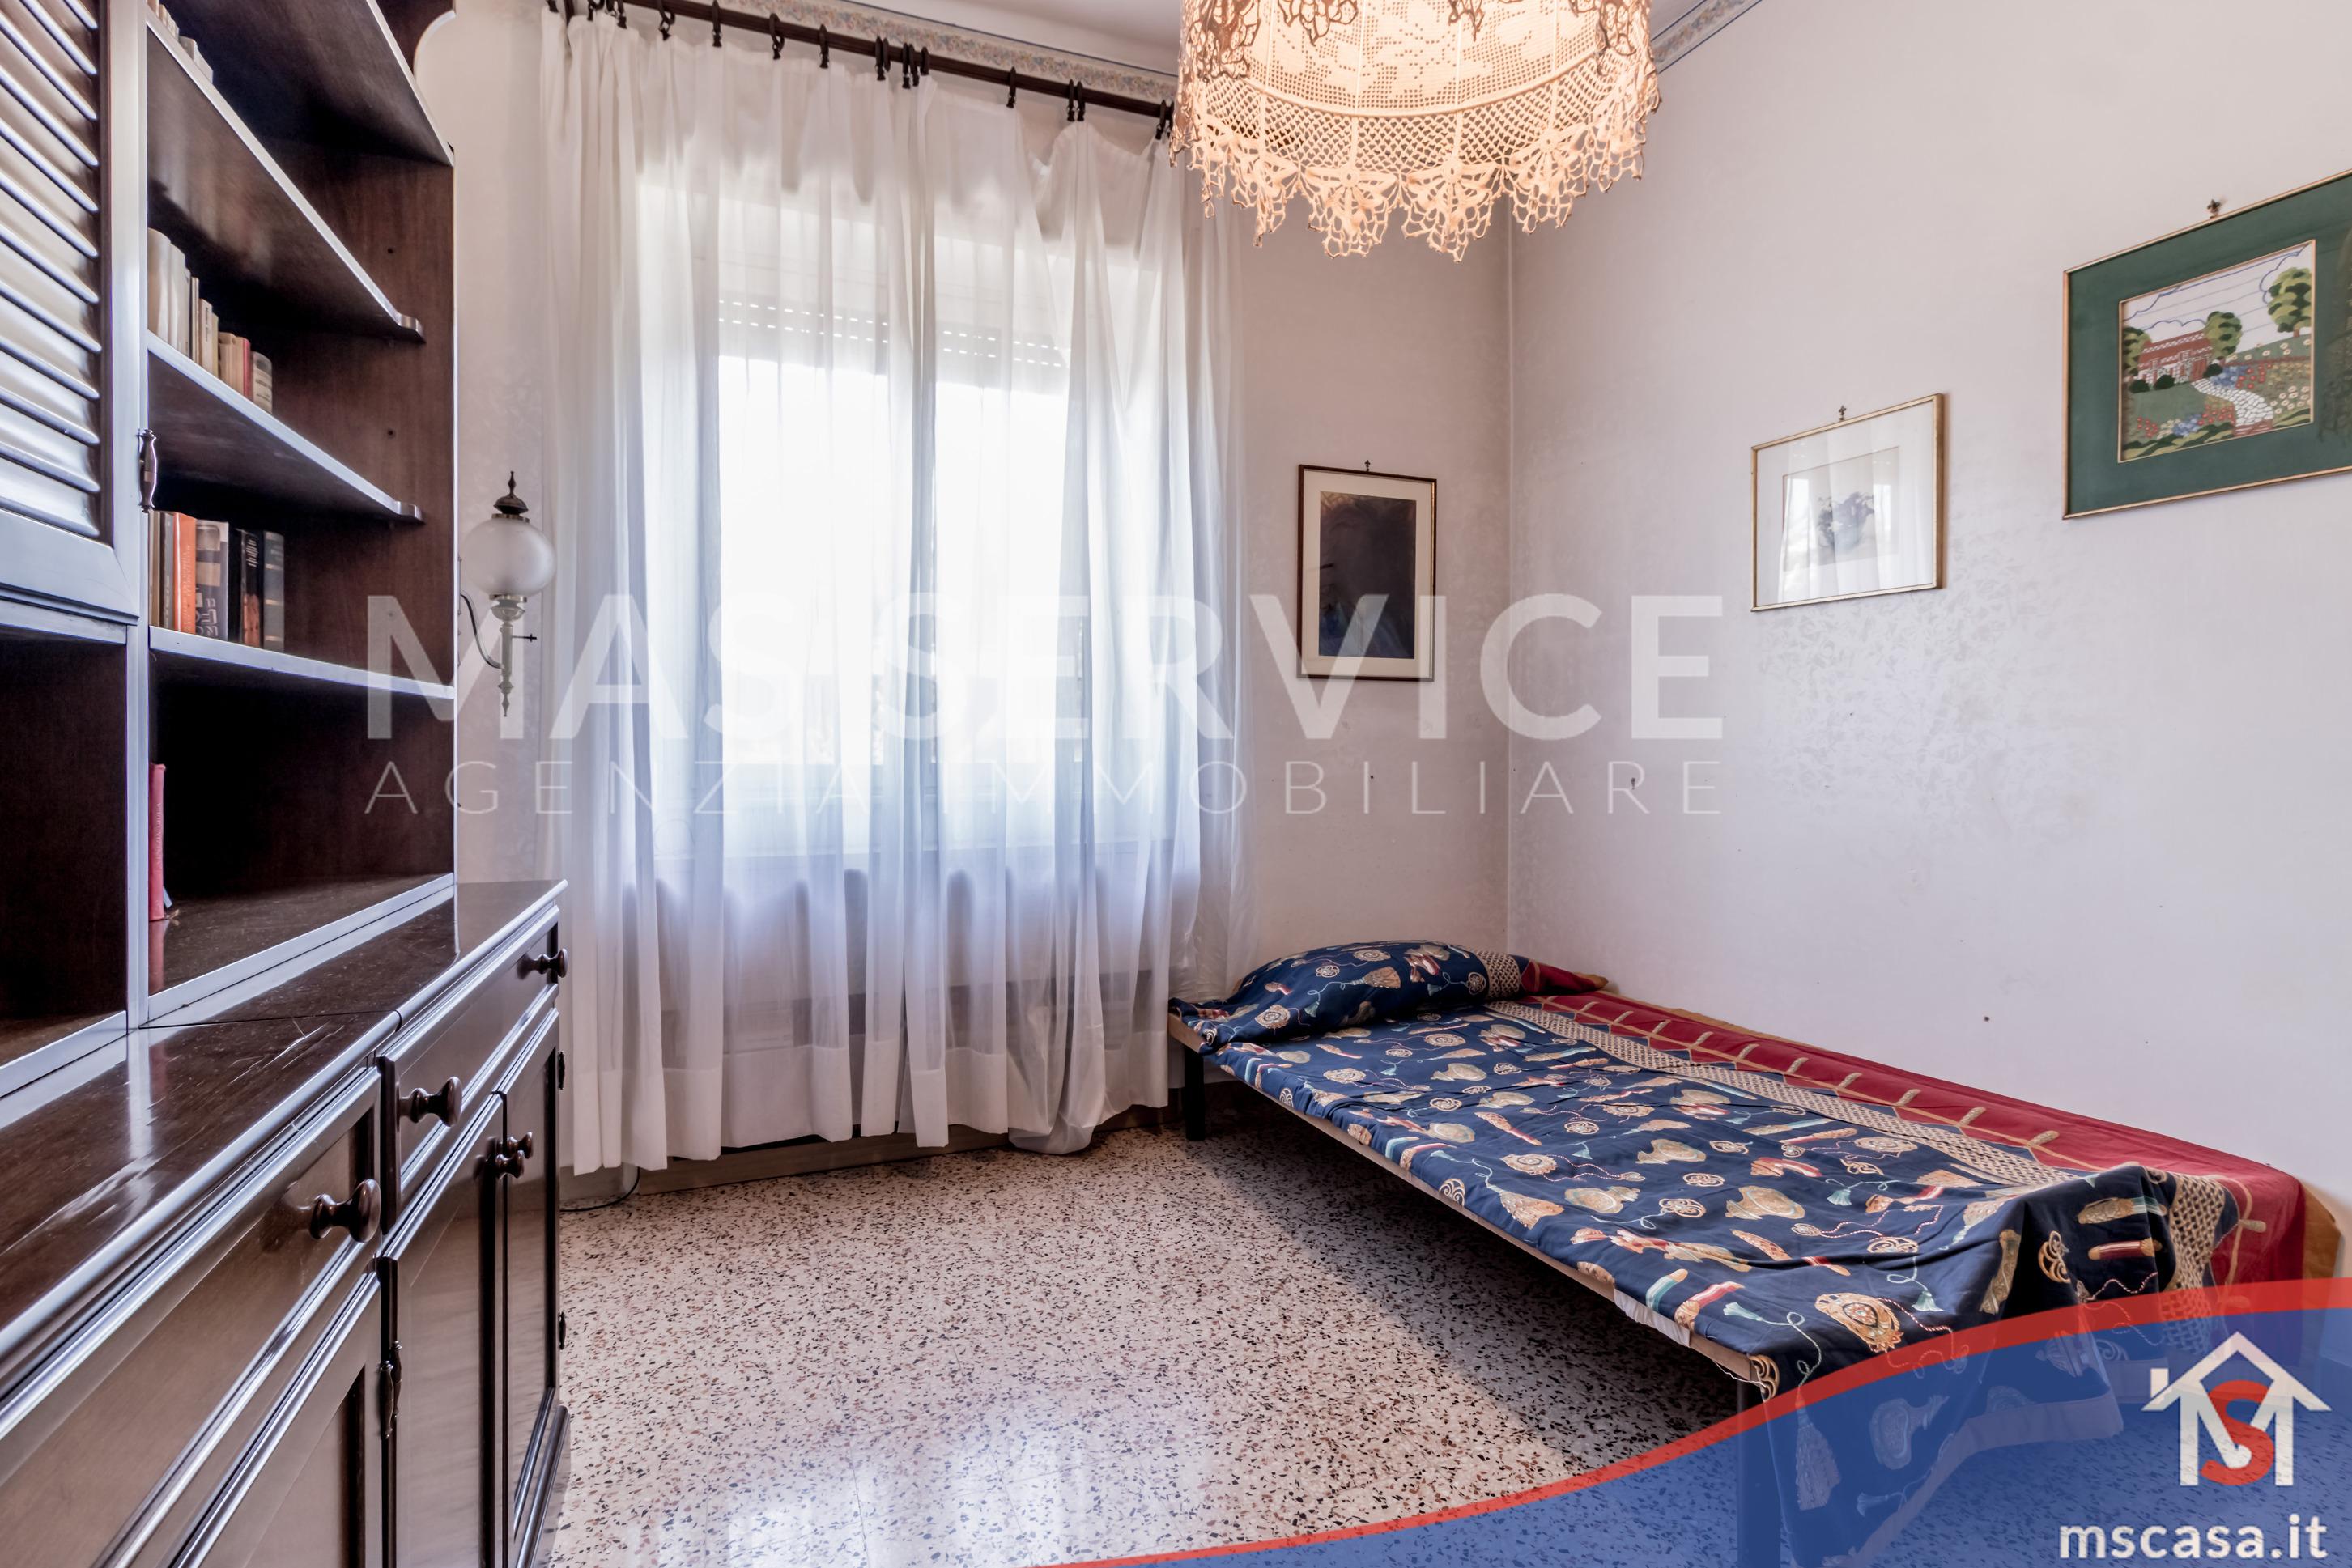 Trilocale in vendita Zona Montagnola a Roma 2 Camera da Letto altra prospettiva